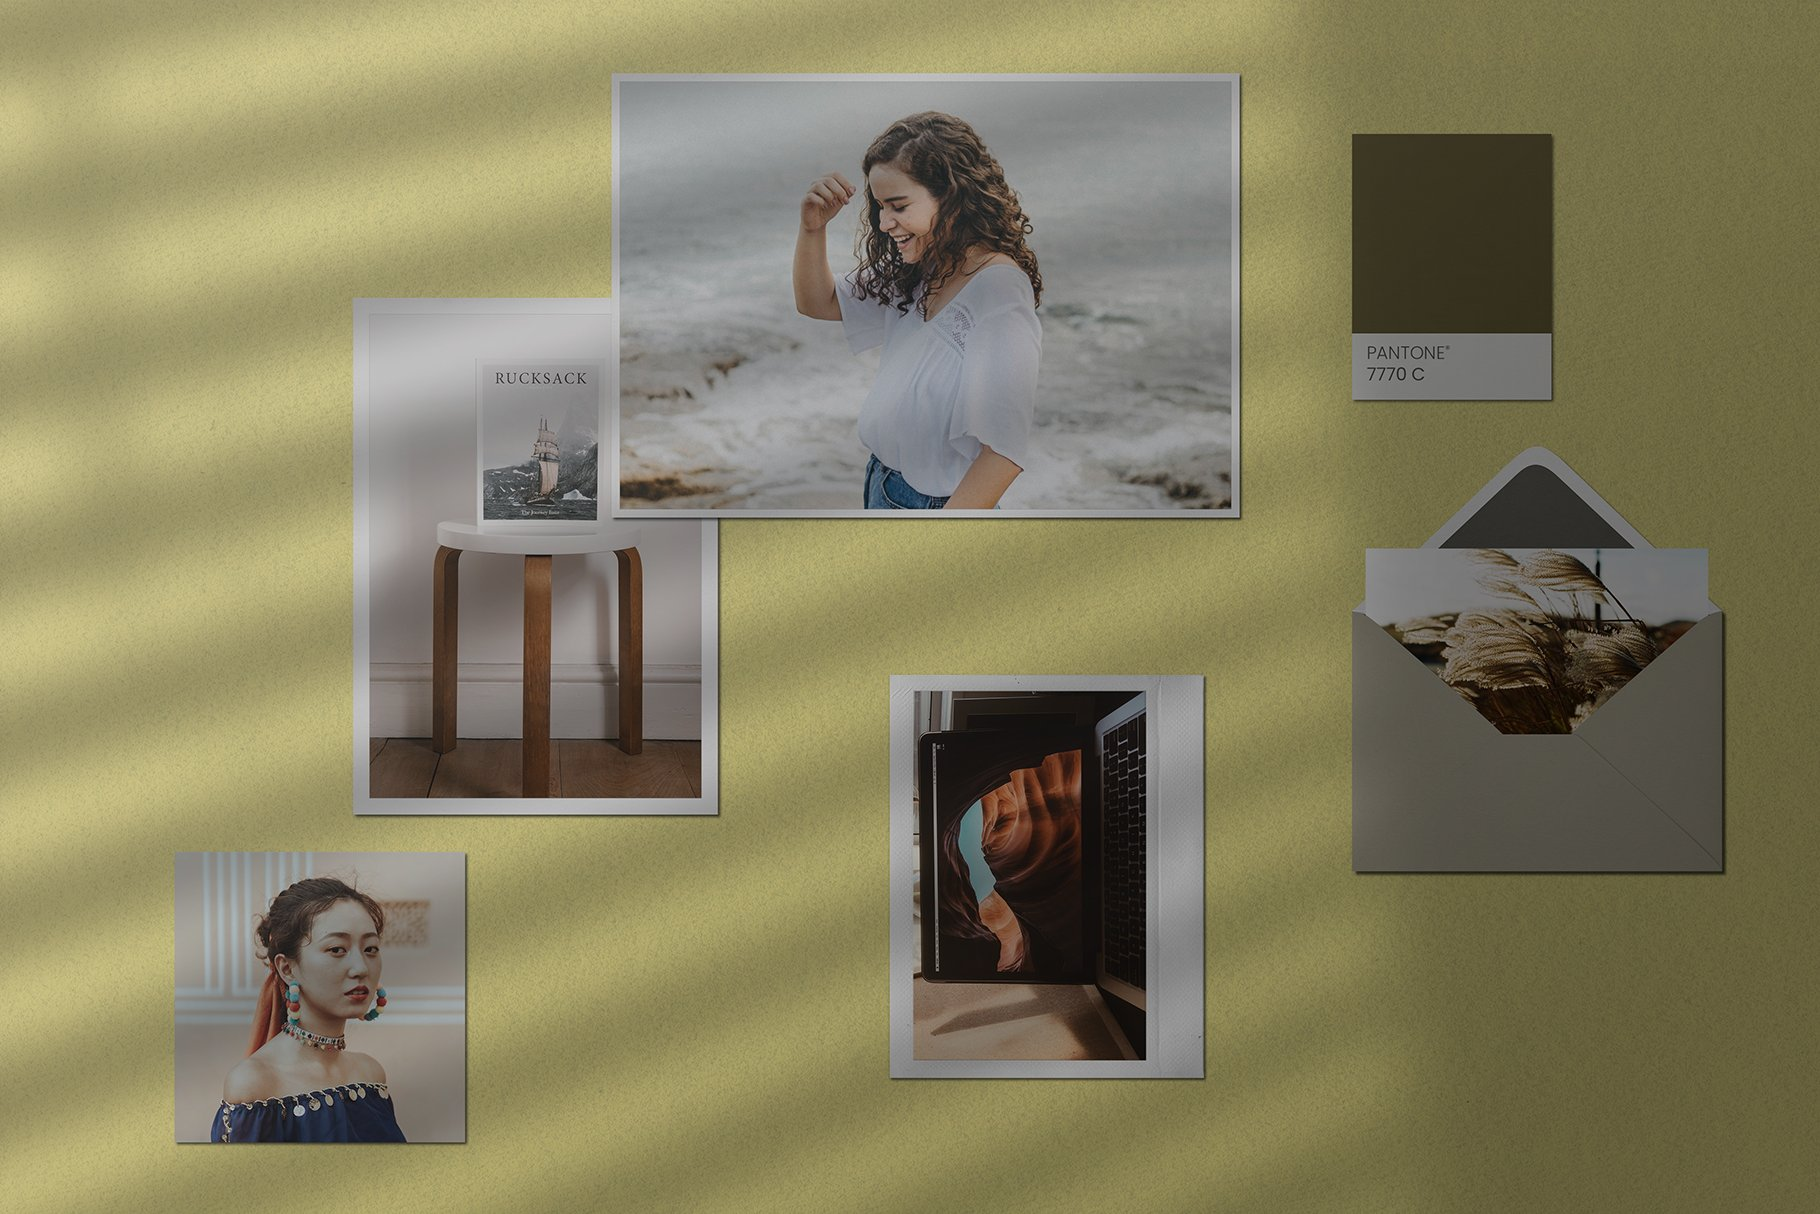 优雅剪贴相片情绪版卡片拼贴设计智能贴图展示样机 Moodboard Mockup Kit插图(4)